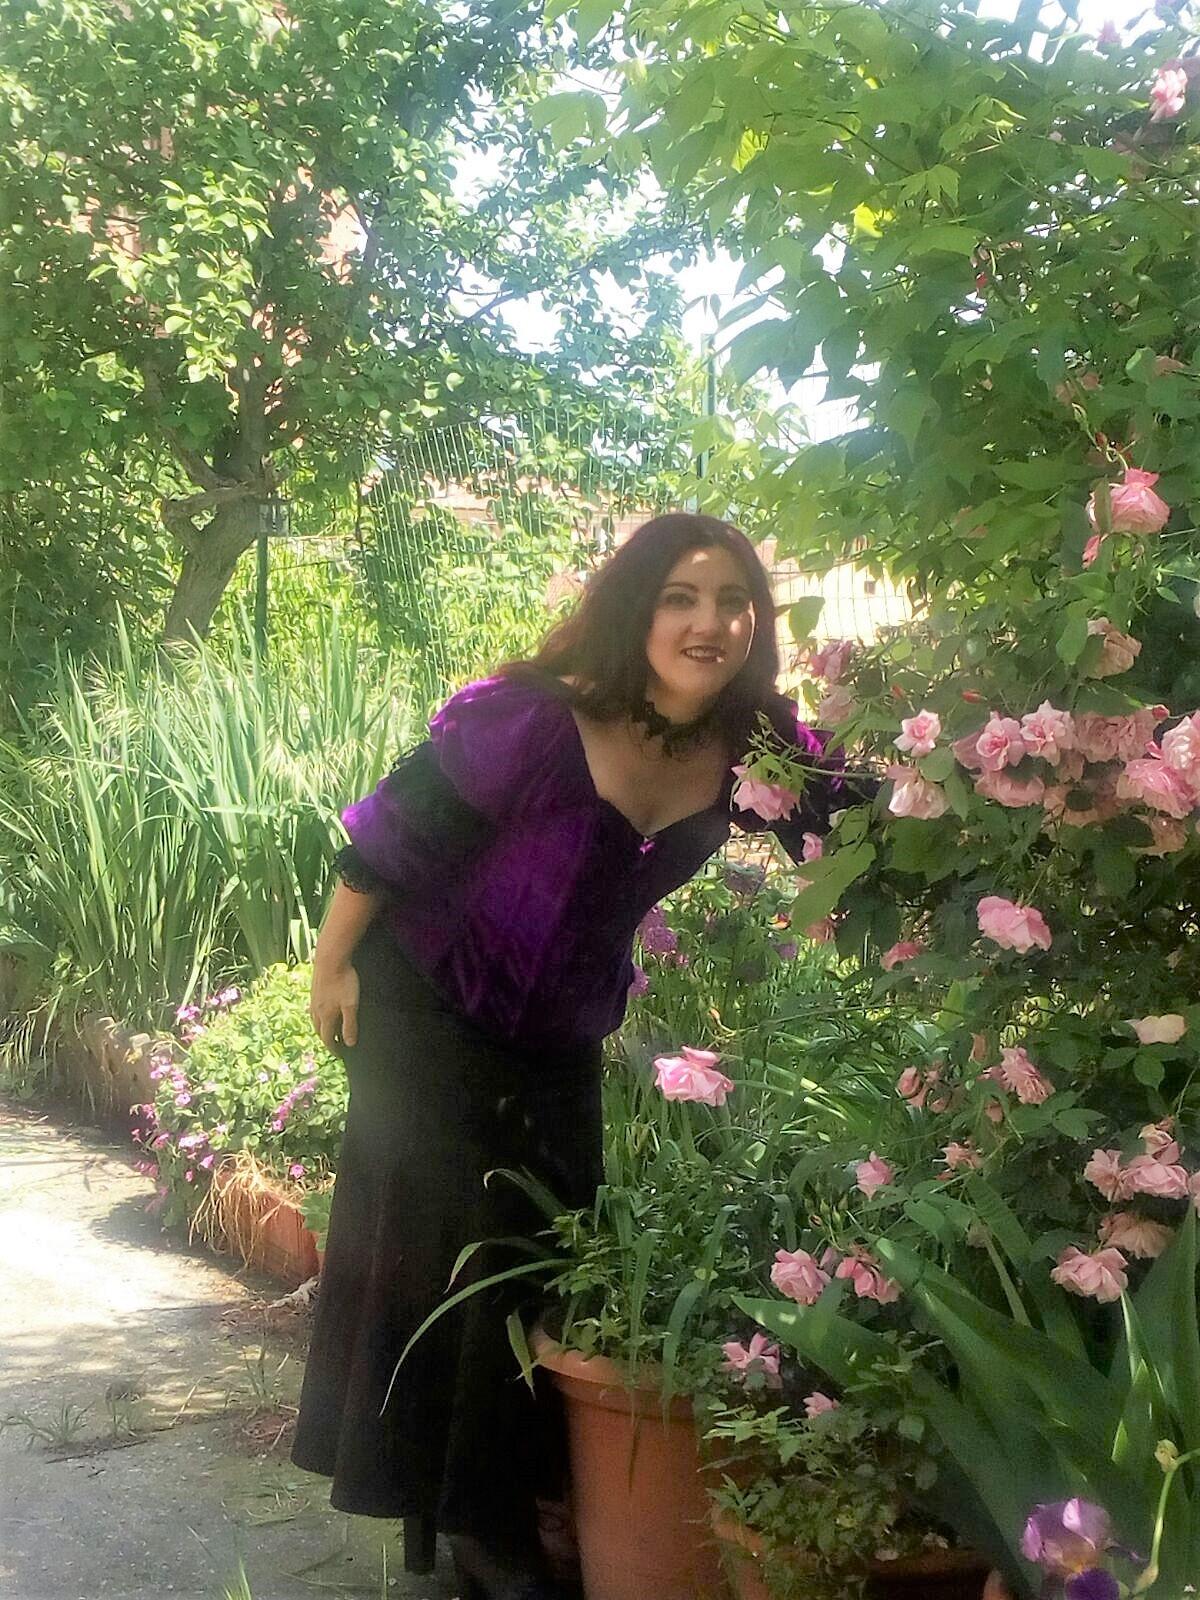 Nadia Beltramo